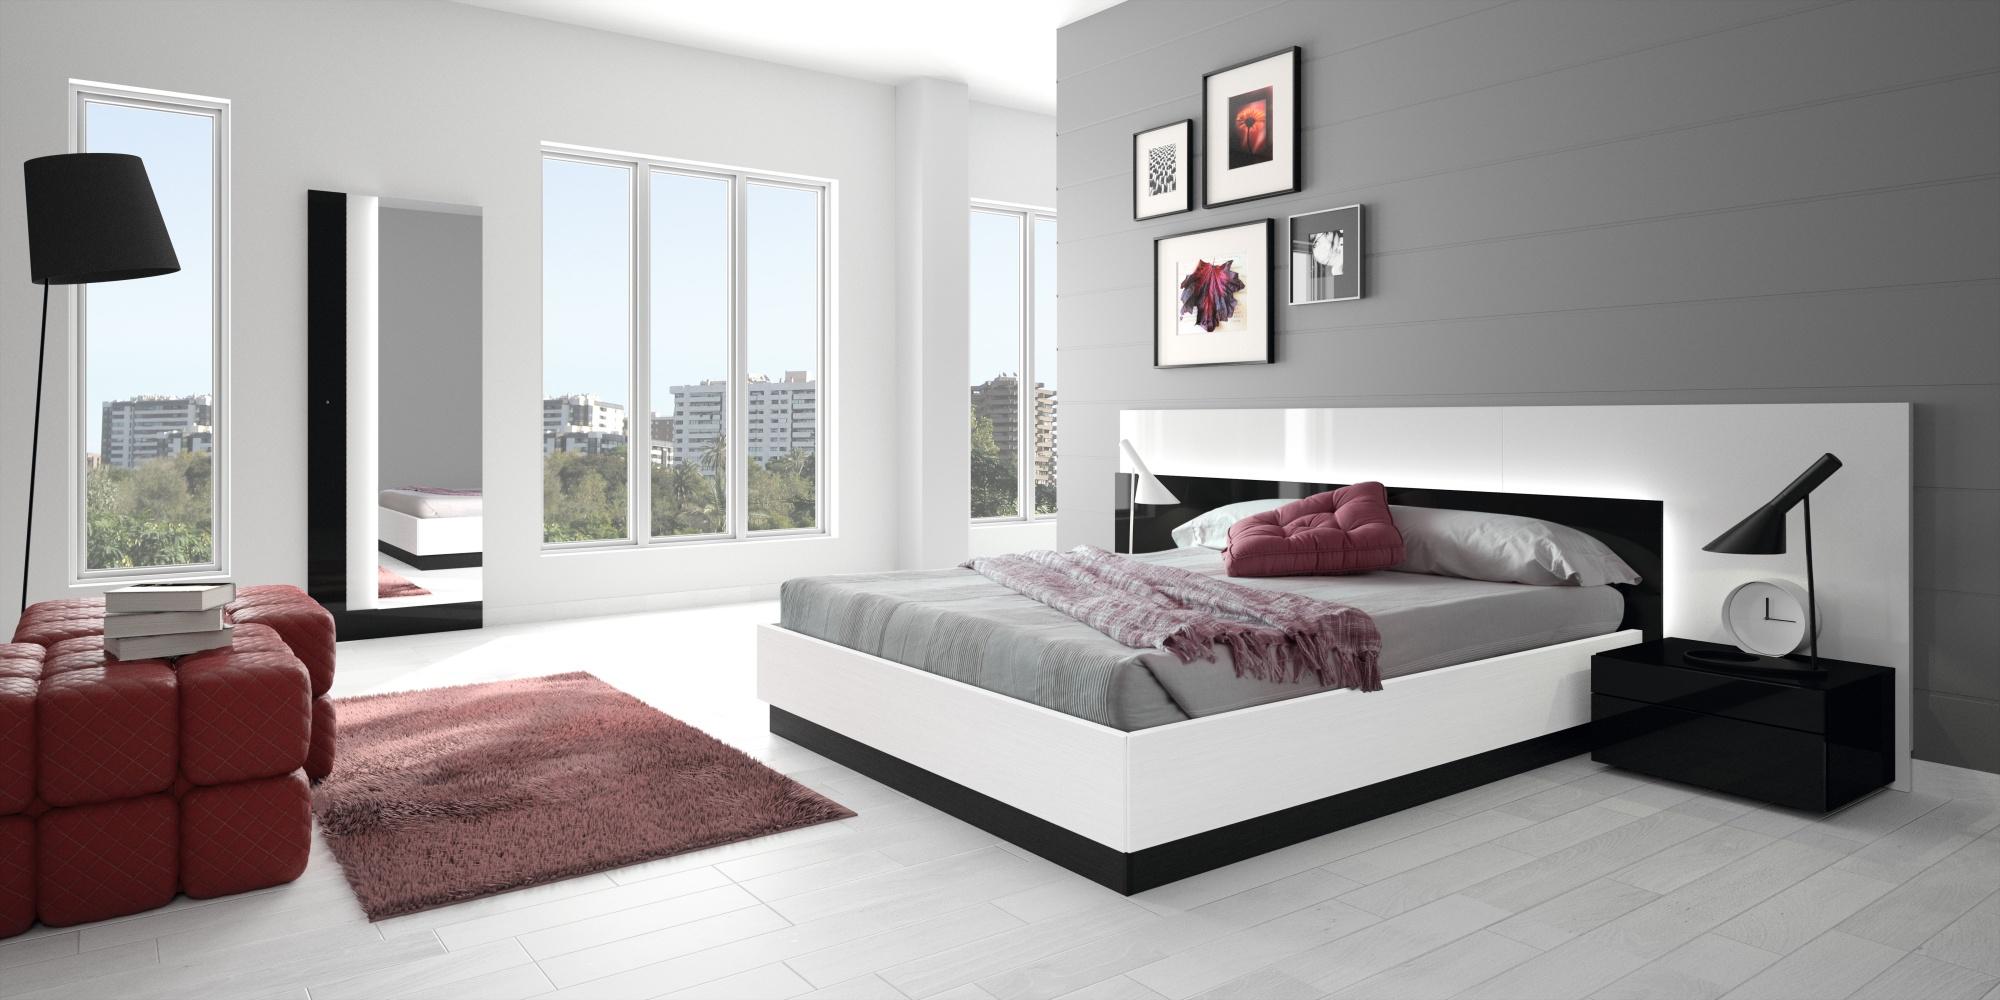 Choosing-Bedroom-furniture-tips-13